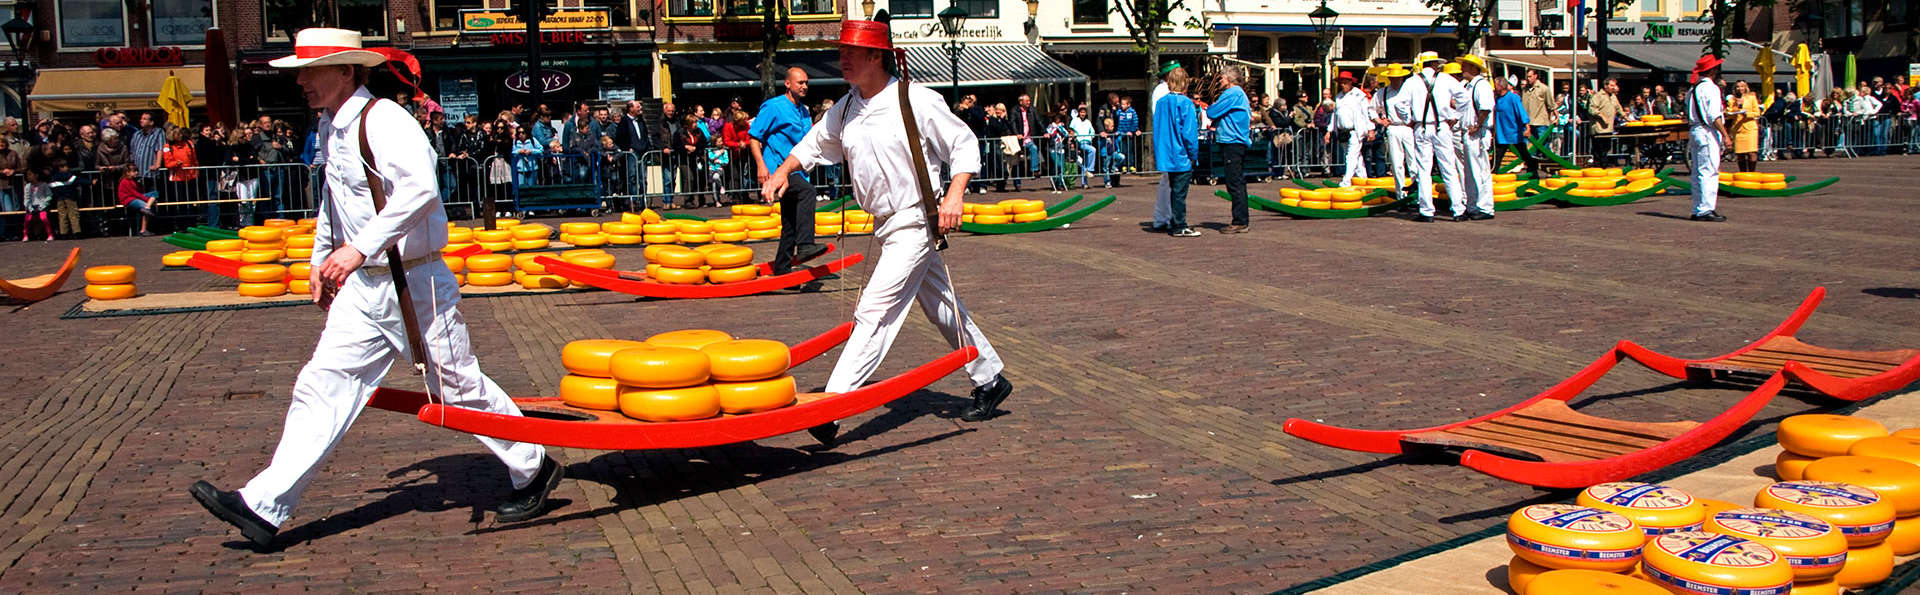 Goûtez au meilleur des Pays-Bas dans la ville du fromage de Gouda